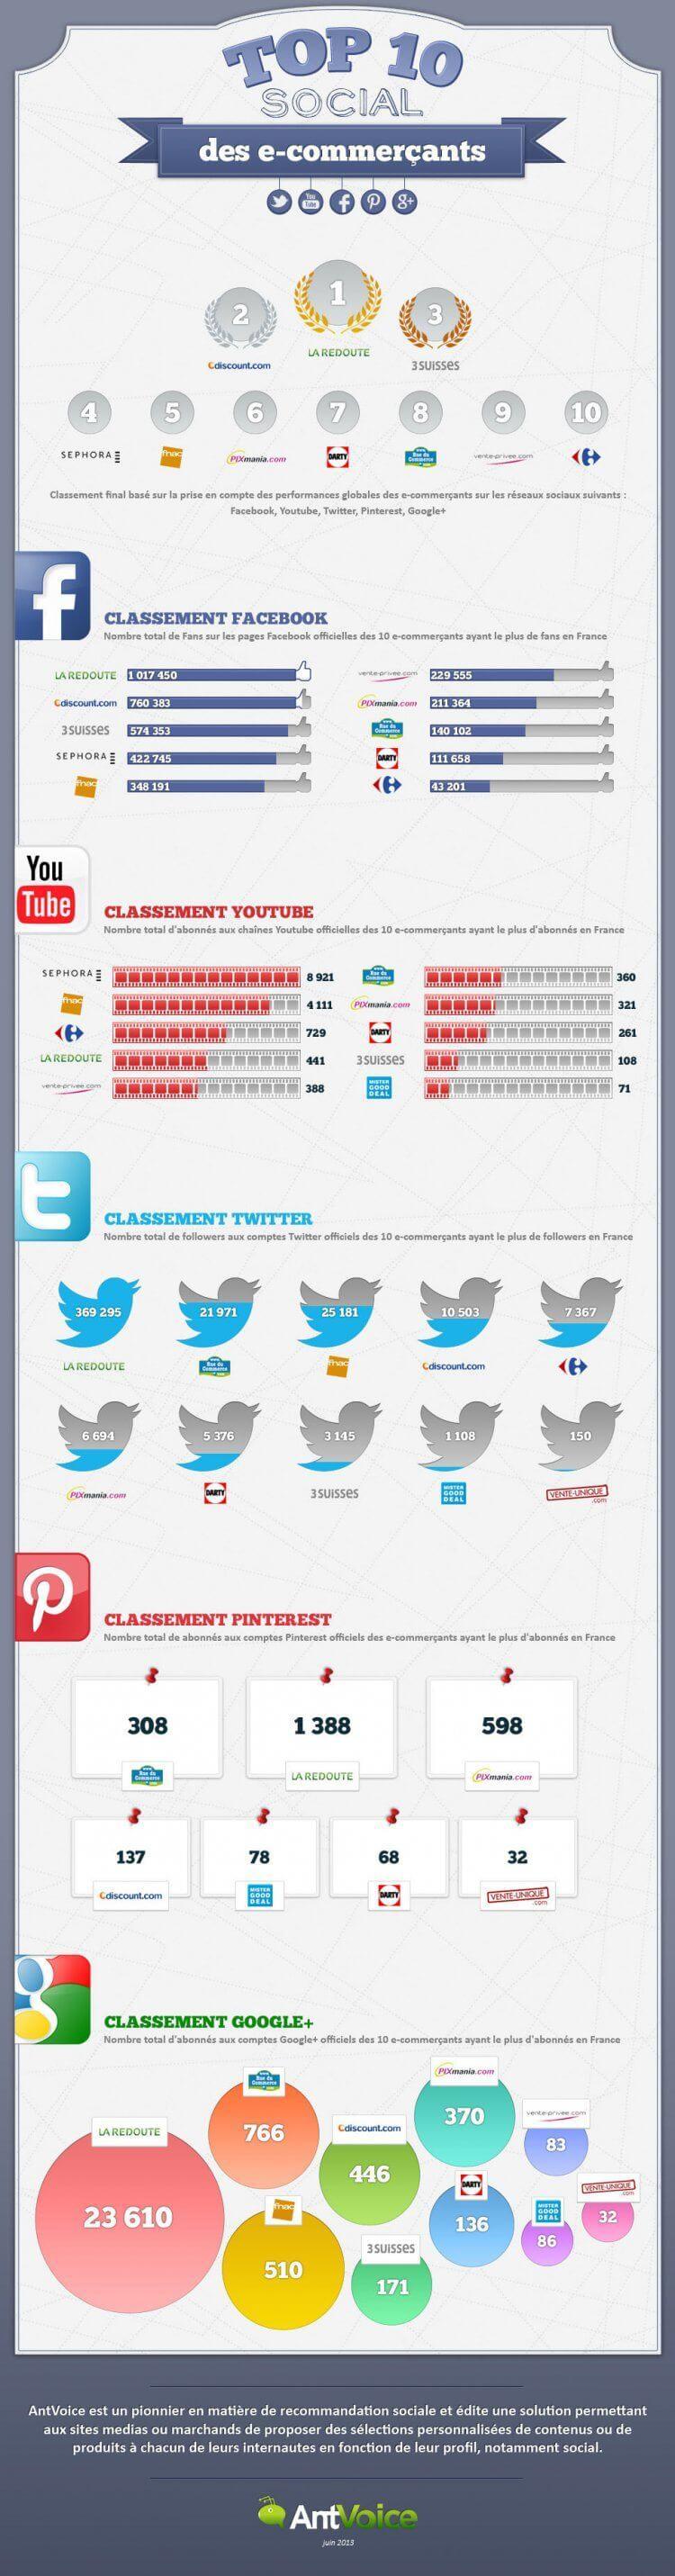 1725344-infographie-le-top-10-des-acteurs-du-social-commerce-en-france